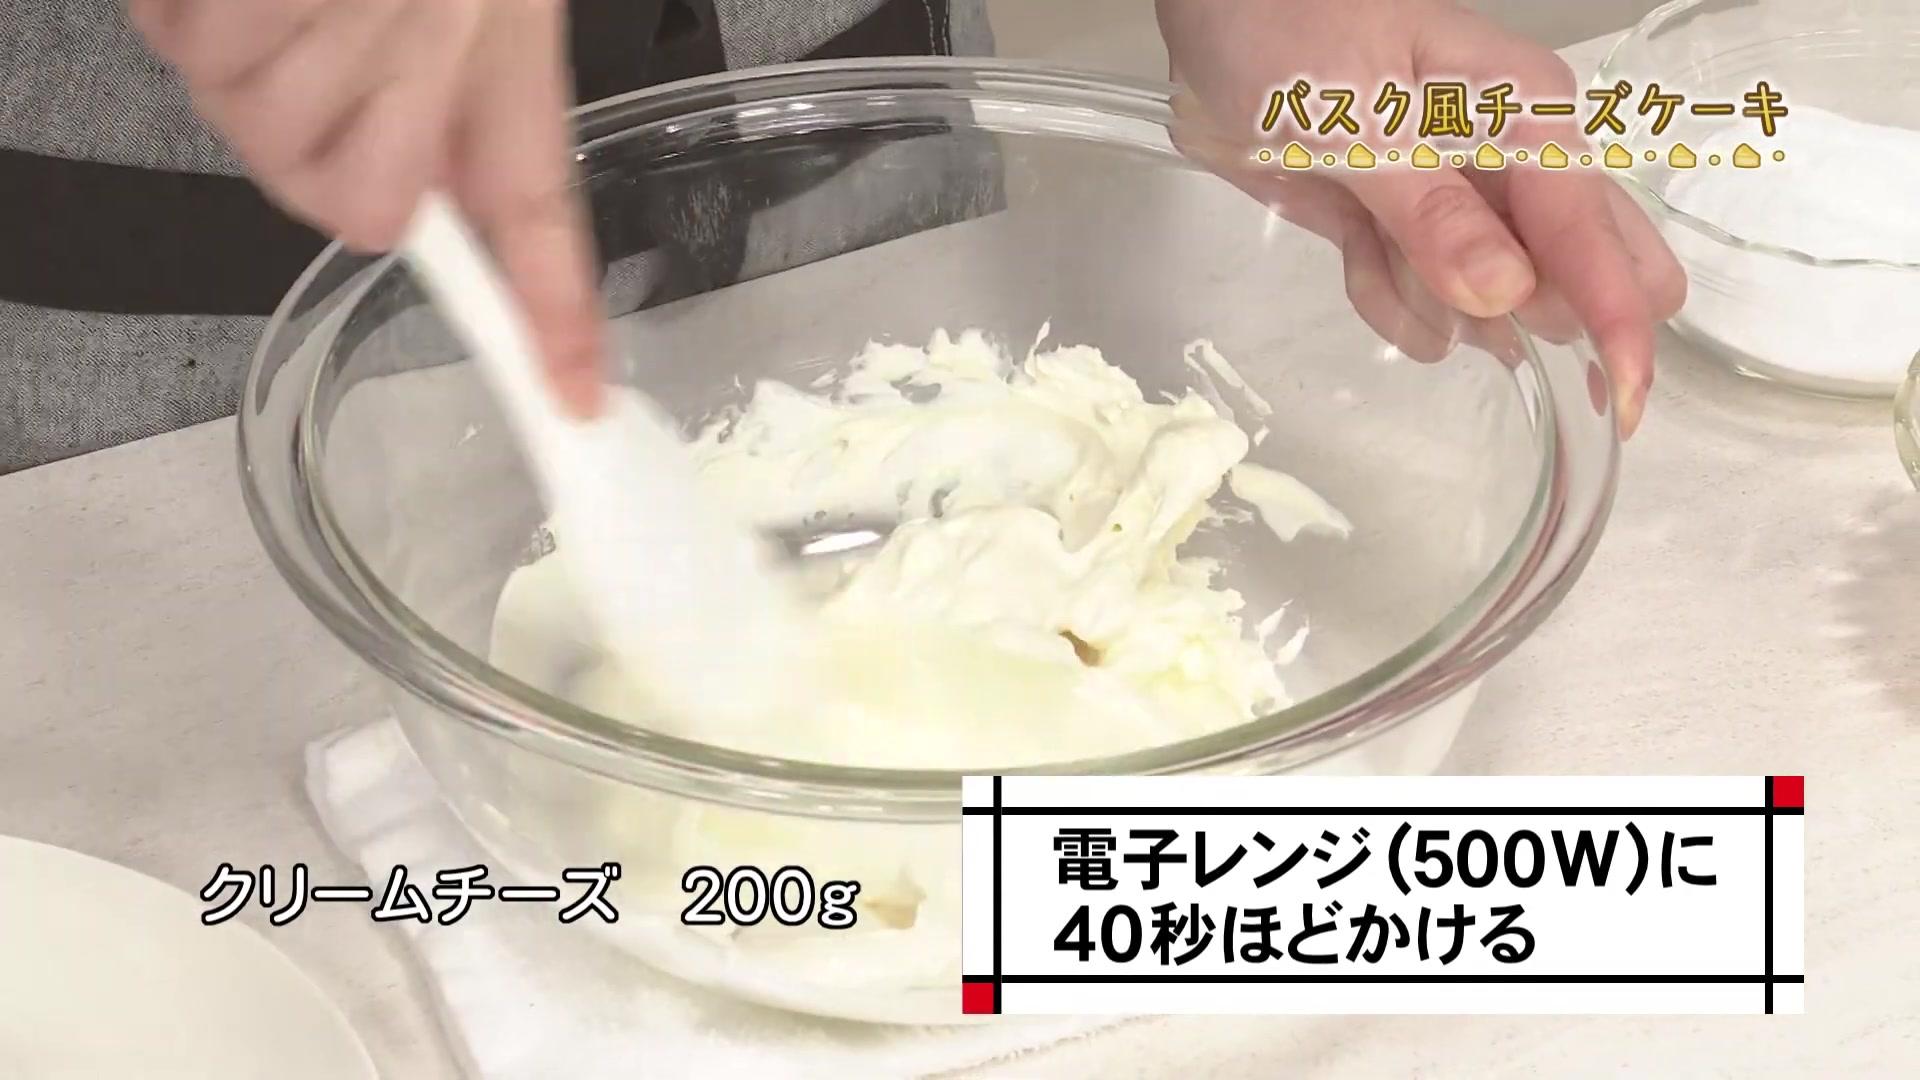 チーズ ケーキ 若山 曜子 バスク